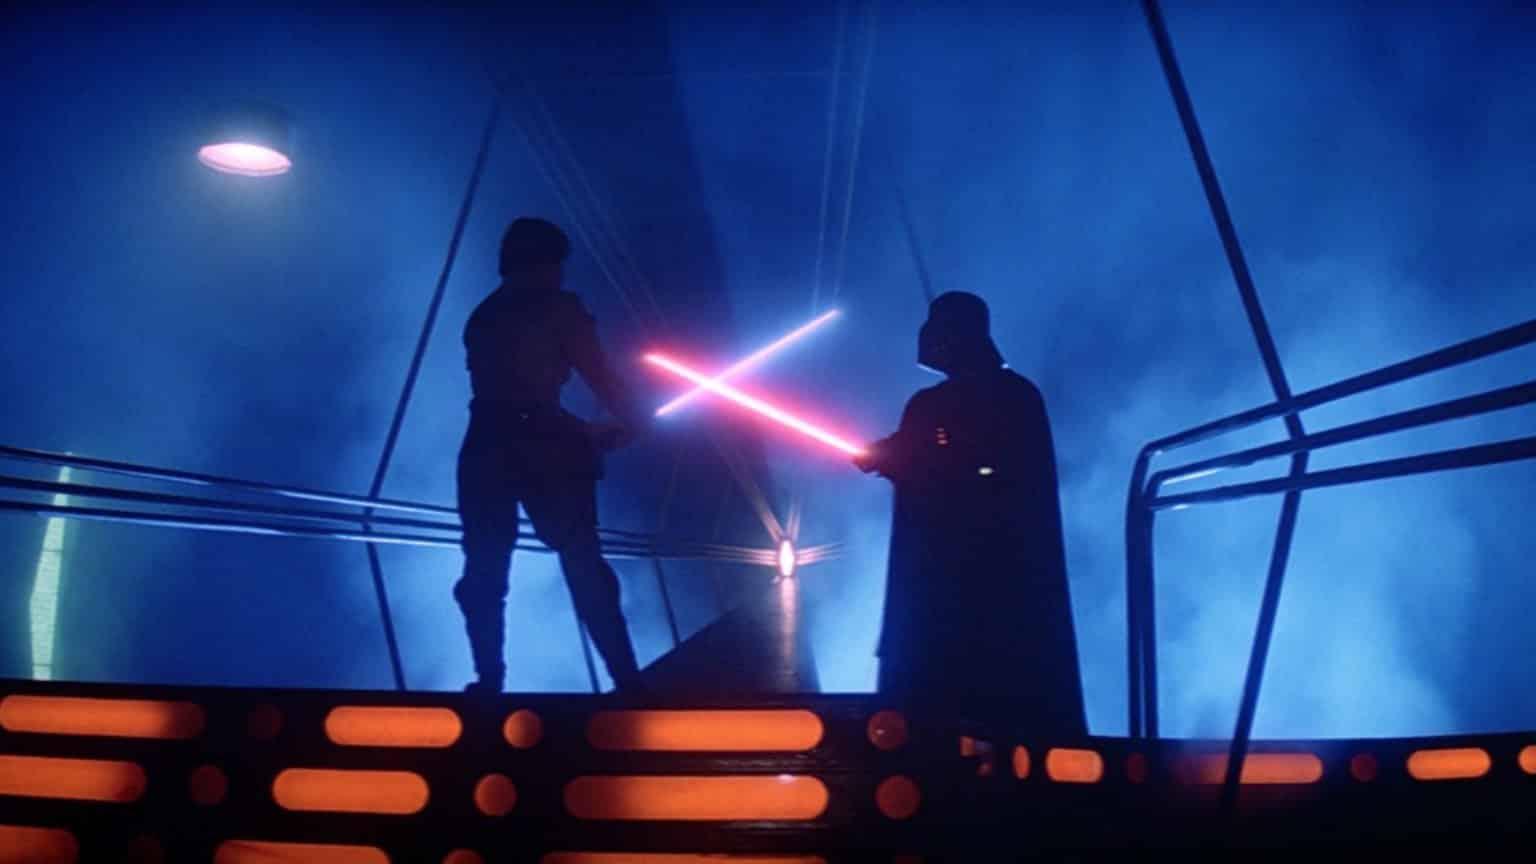 Lightsaber Duelling